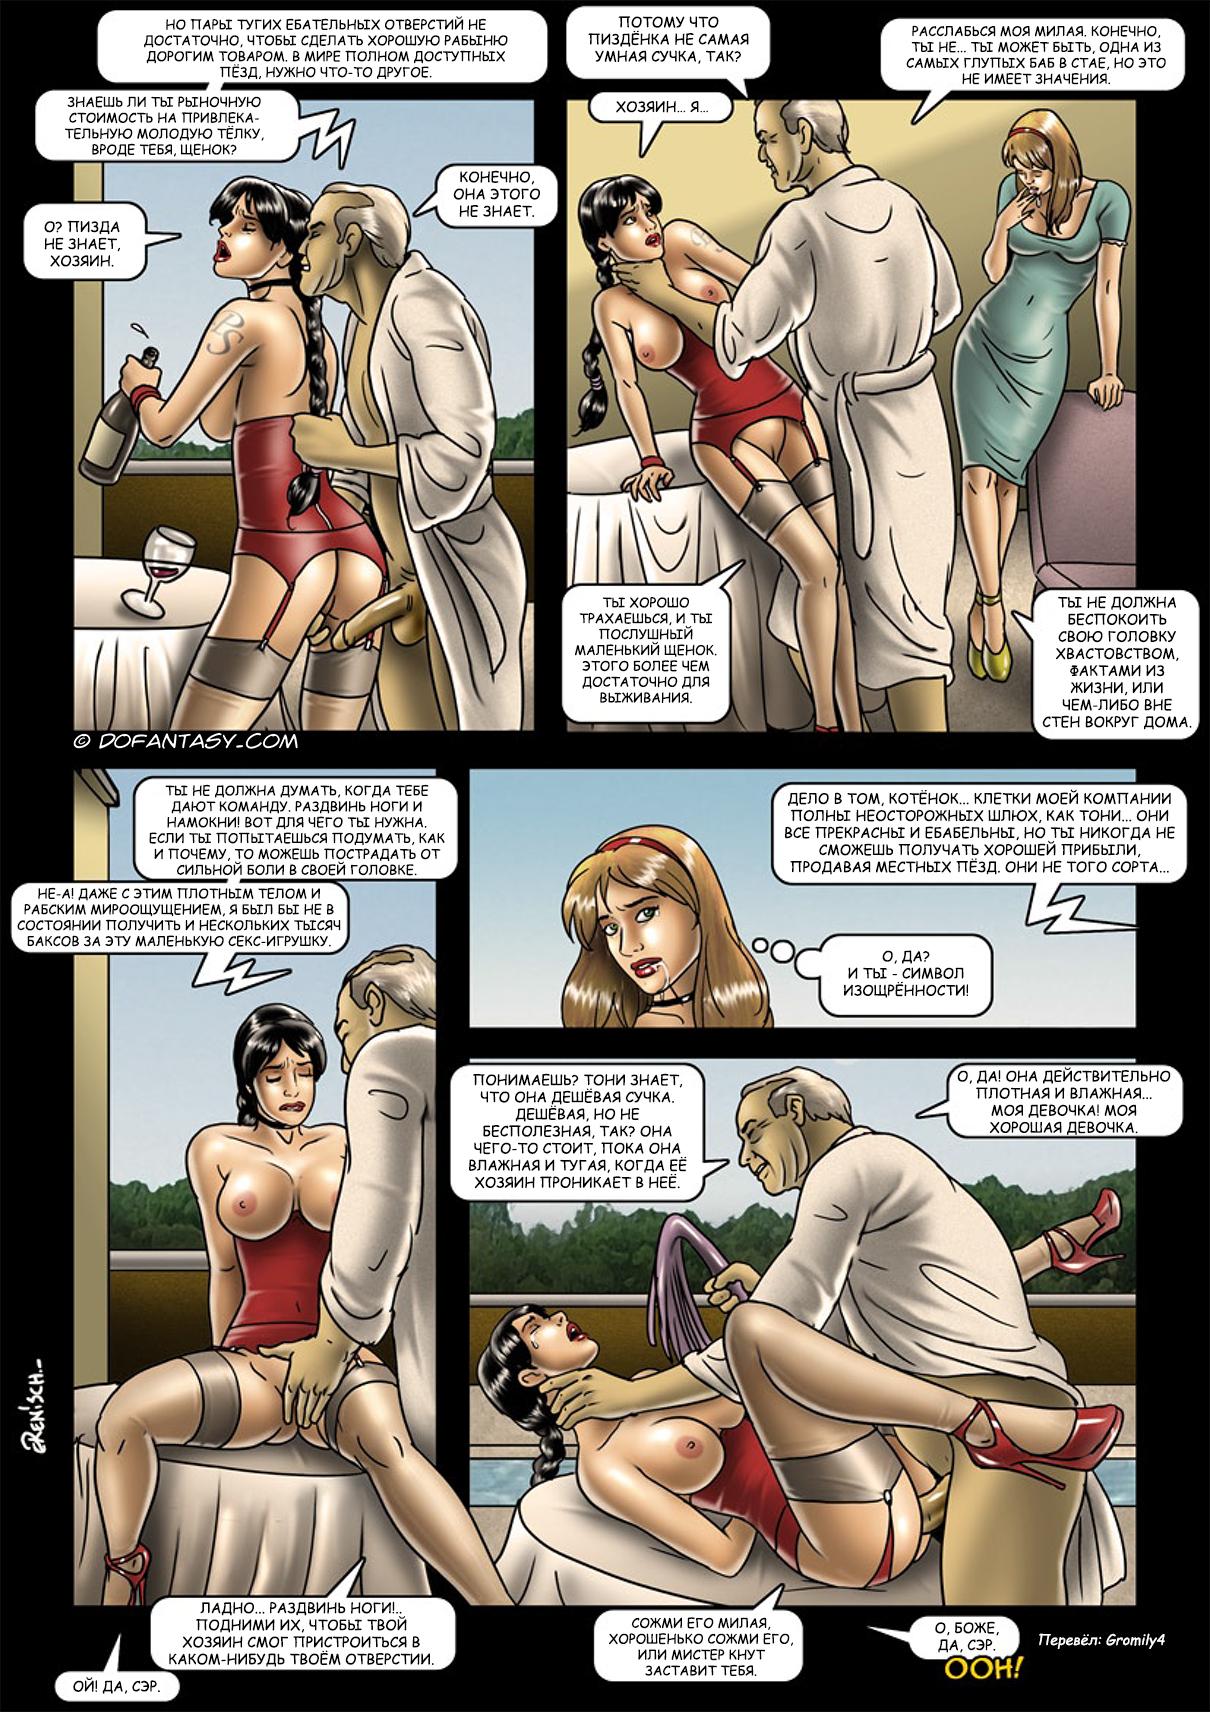 проститутки их истории